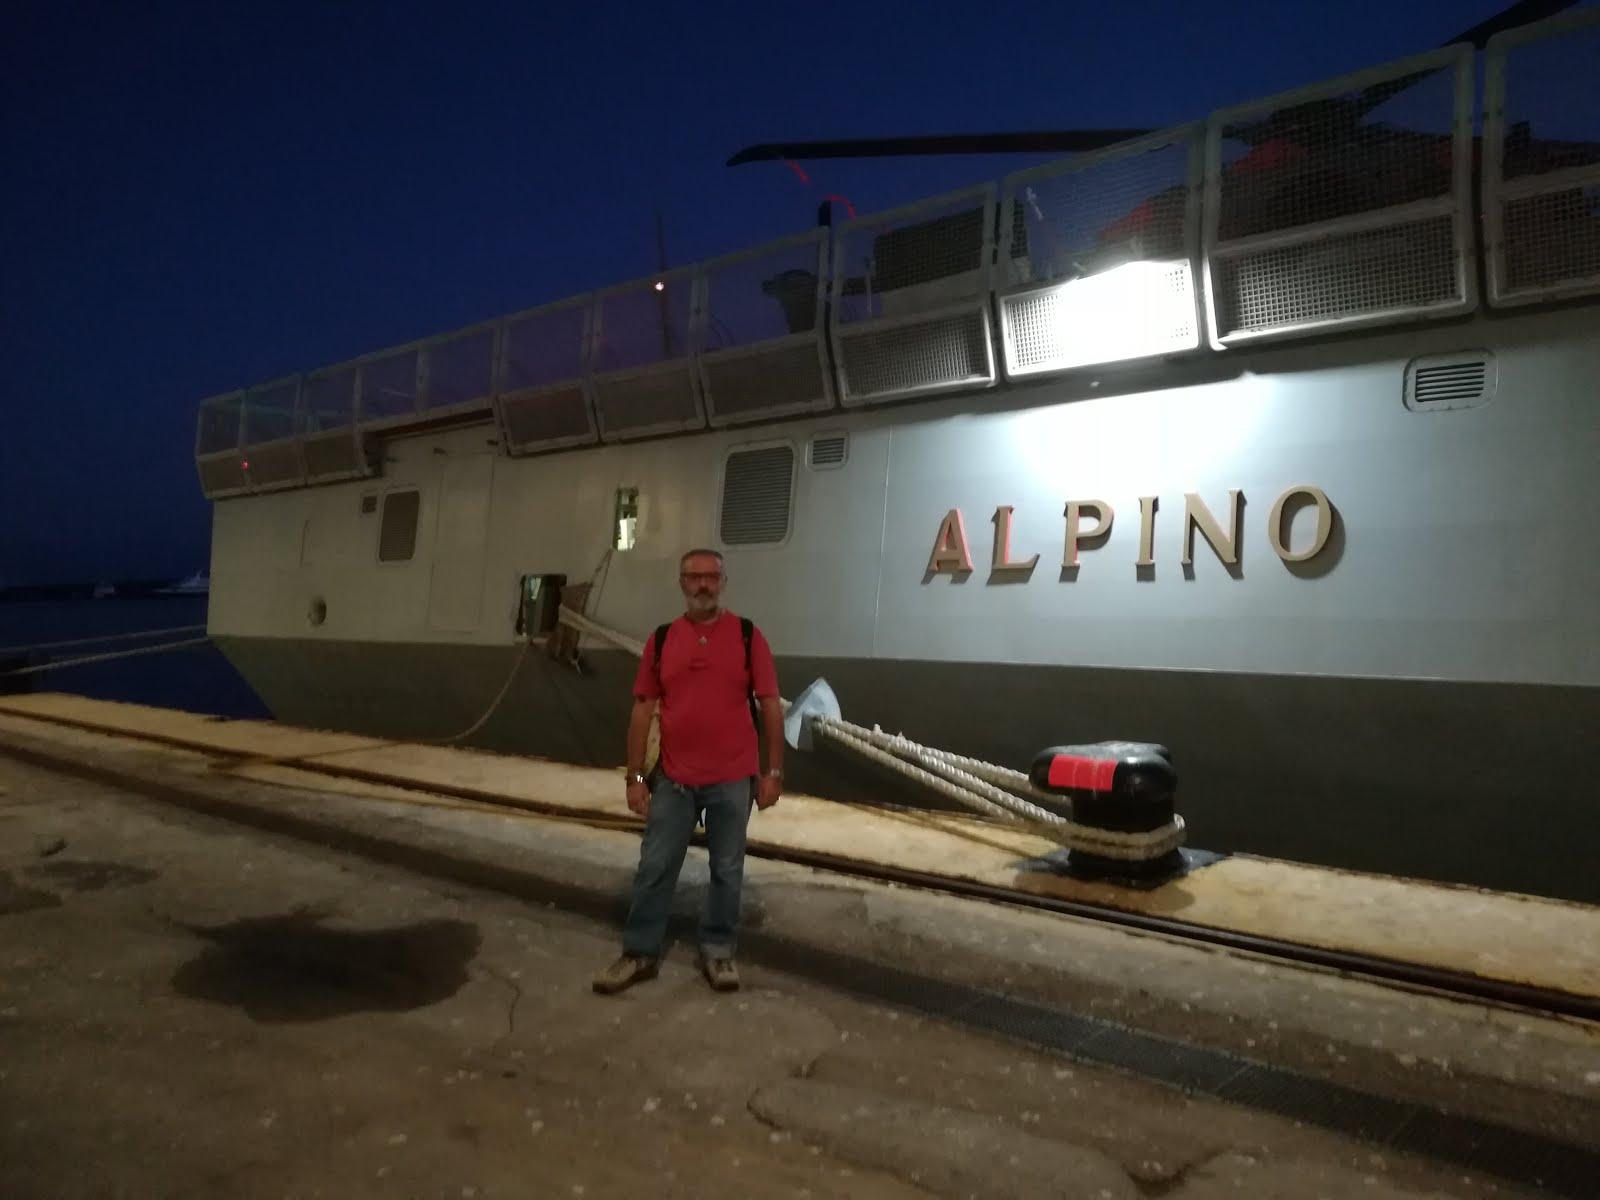 Fregata Alpino